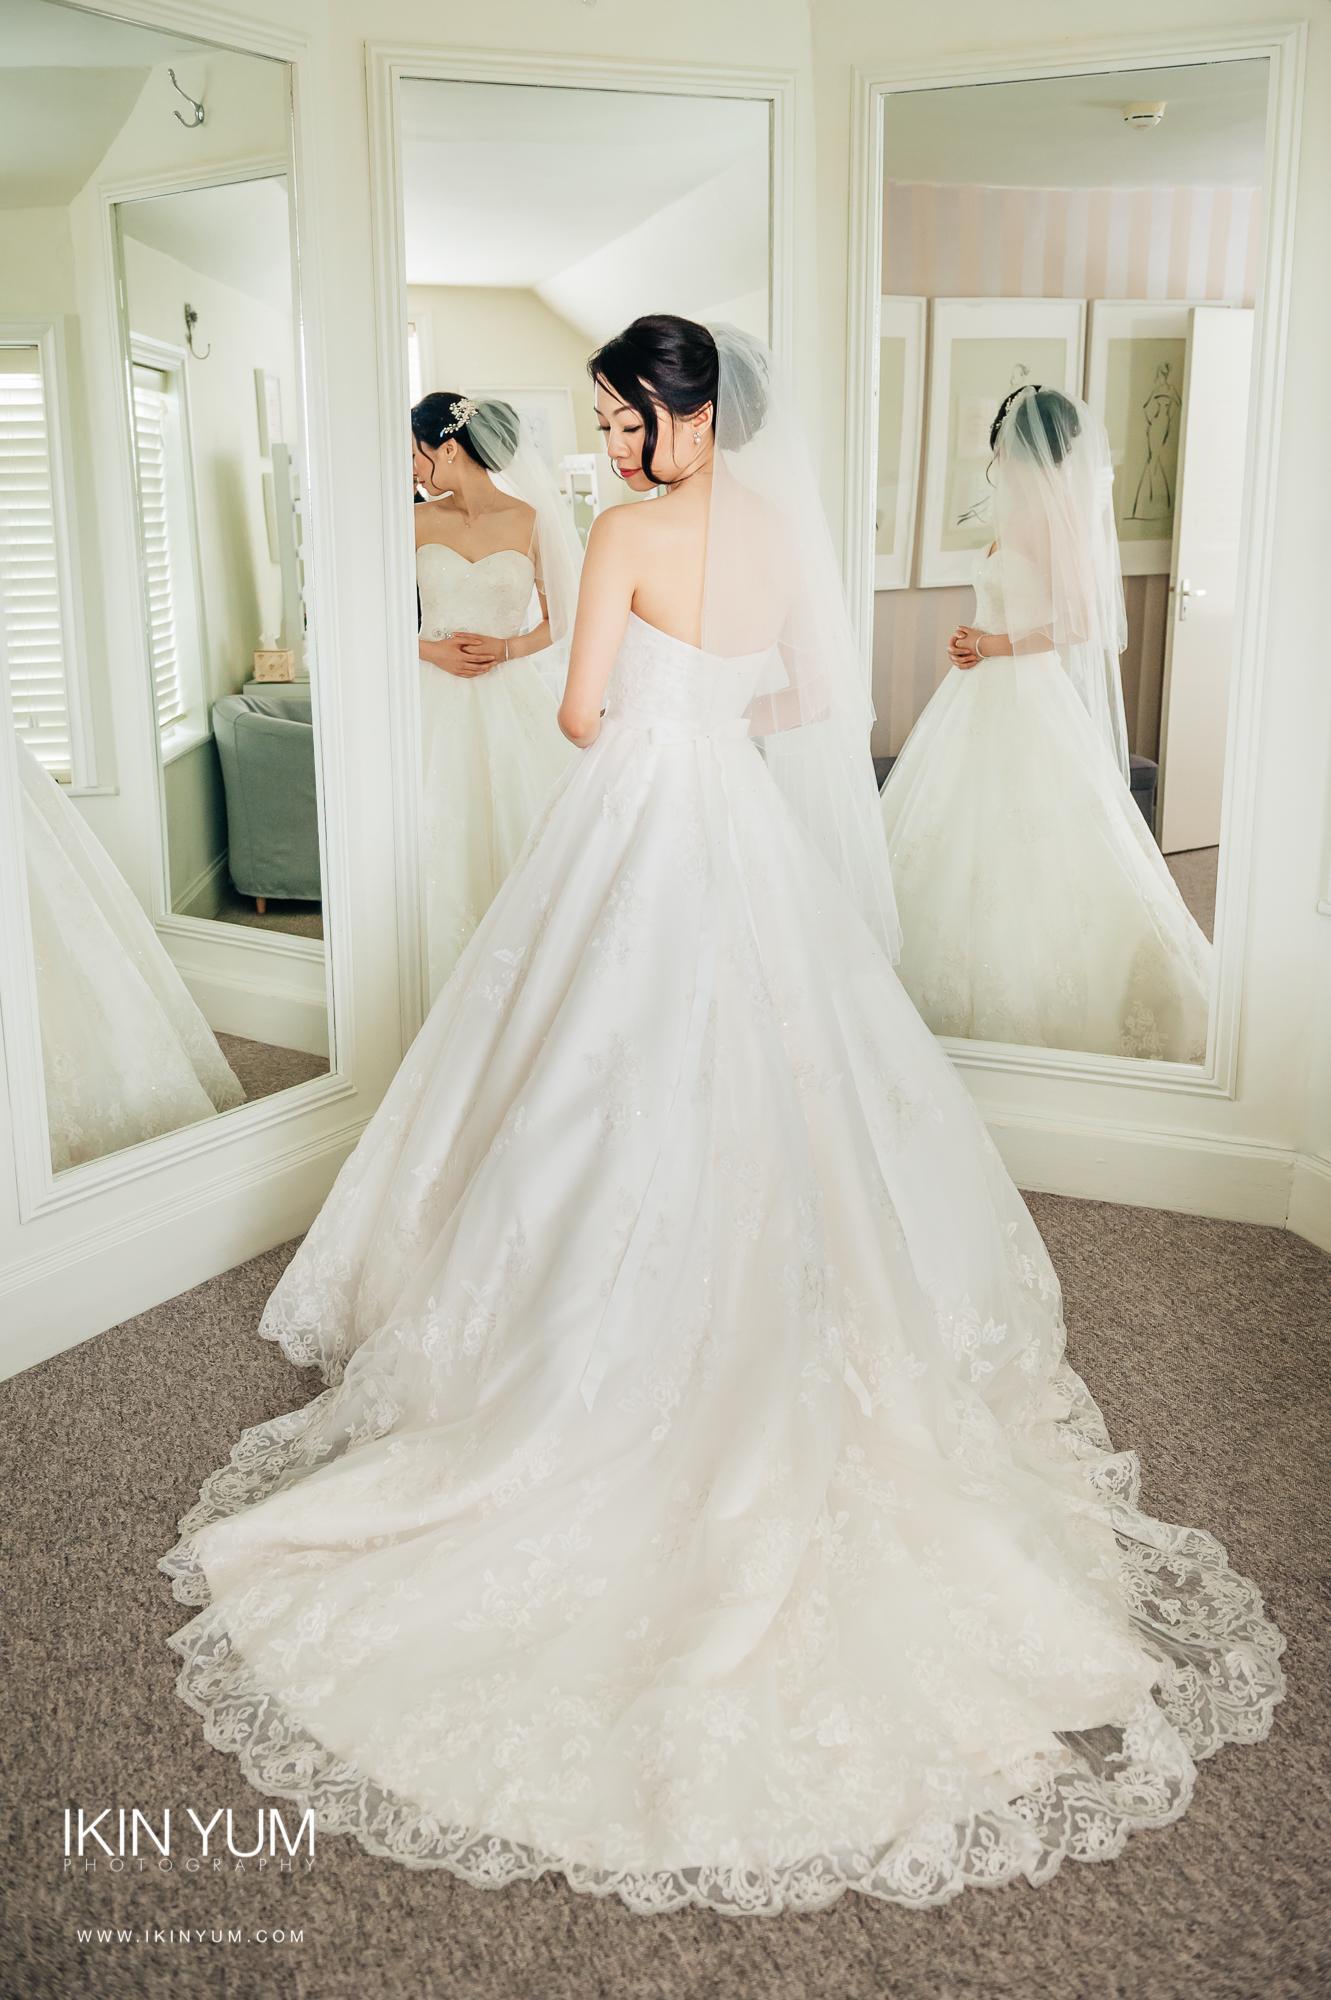 Sylvianne & Chun Wedding Day - Ikin Yum Photography-066.jpg